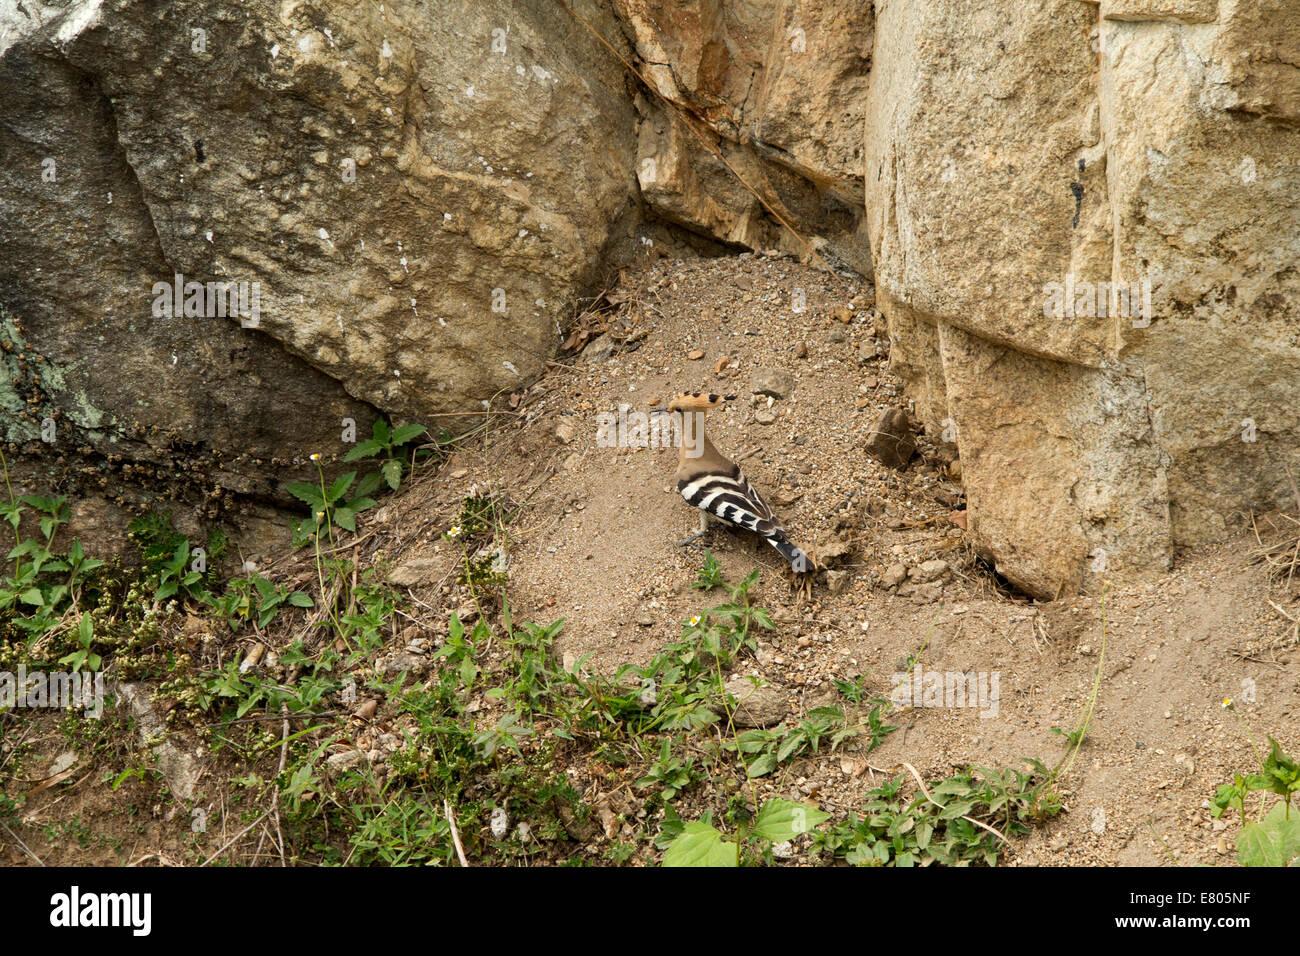 L'est du Bhoutan, Trashi Yangtse, huppe fasciée (Upupa epops) oiseau sur le bas-côté de la route Photo Stock